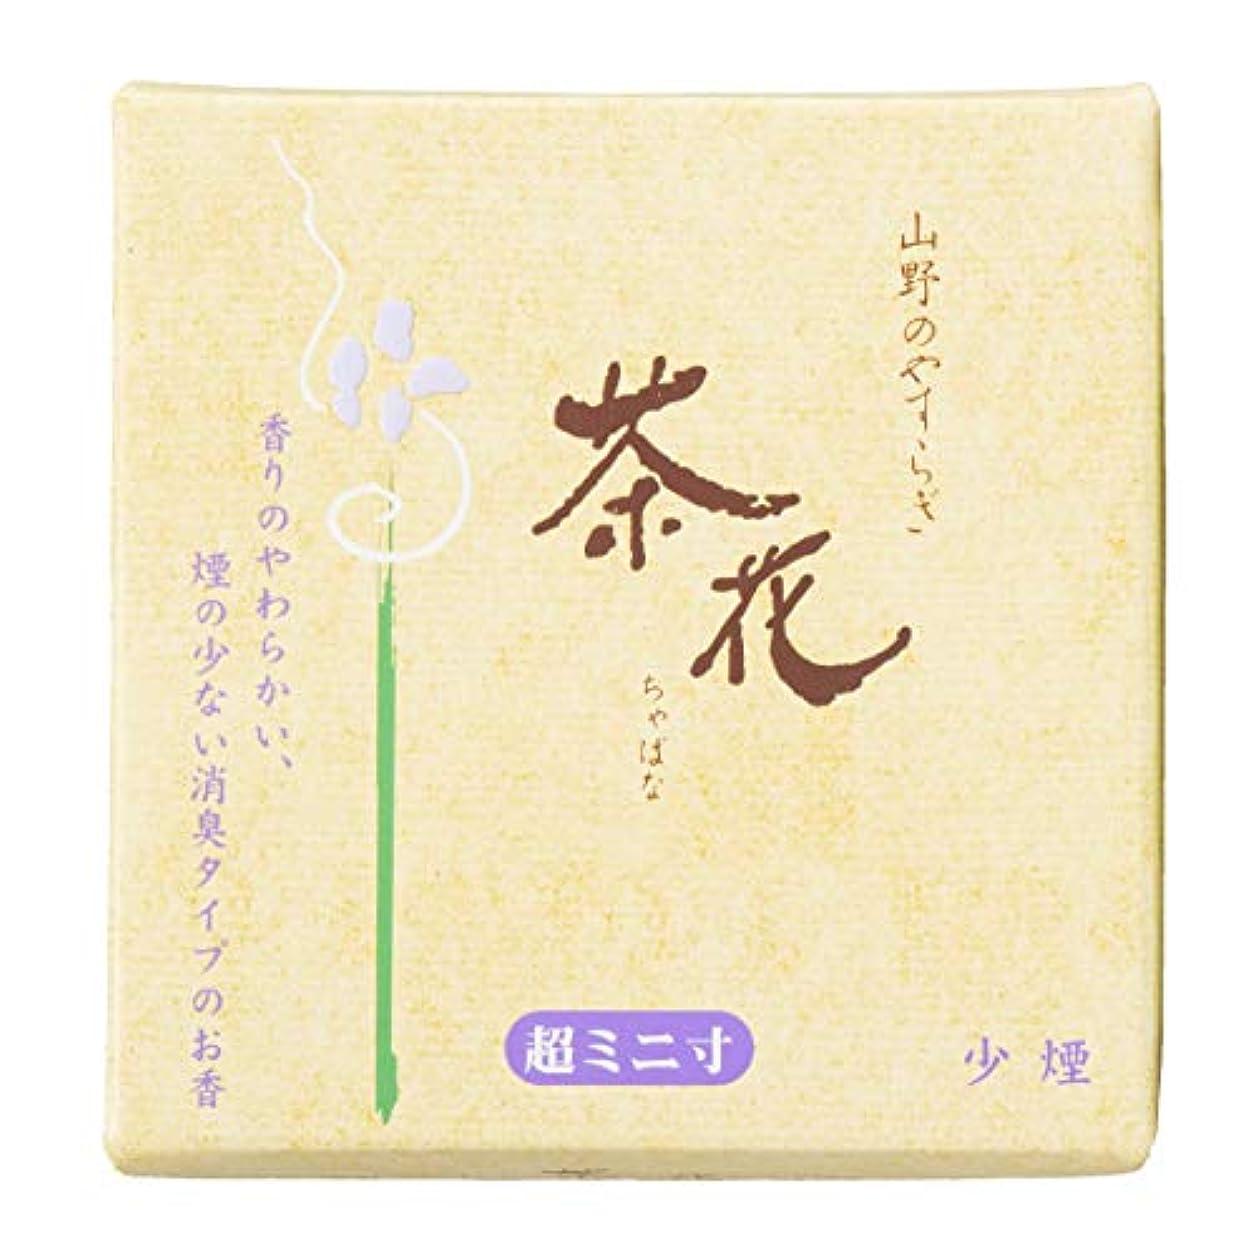 重荷大惨事季節尚林堂(Shorindo) 線香 黄箱 6cm 茶花 少煙 超ミニ寸 159120-1040